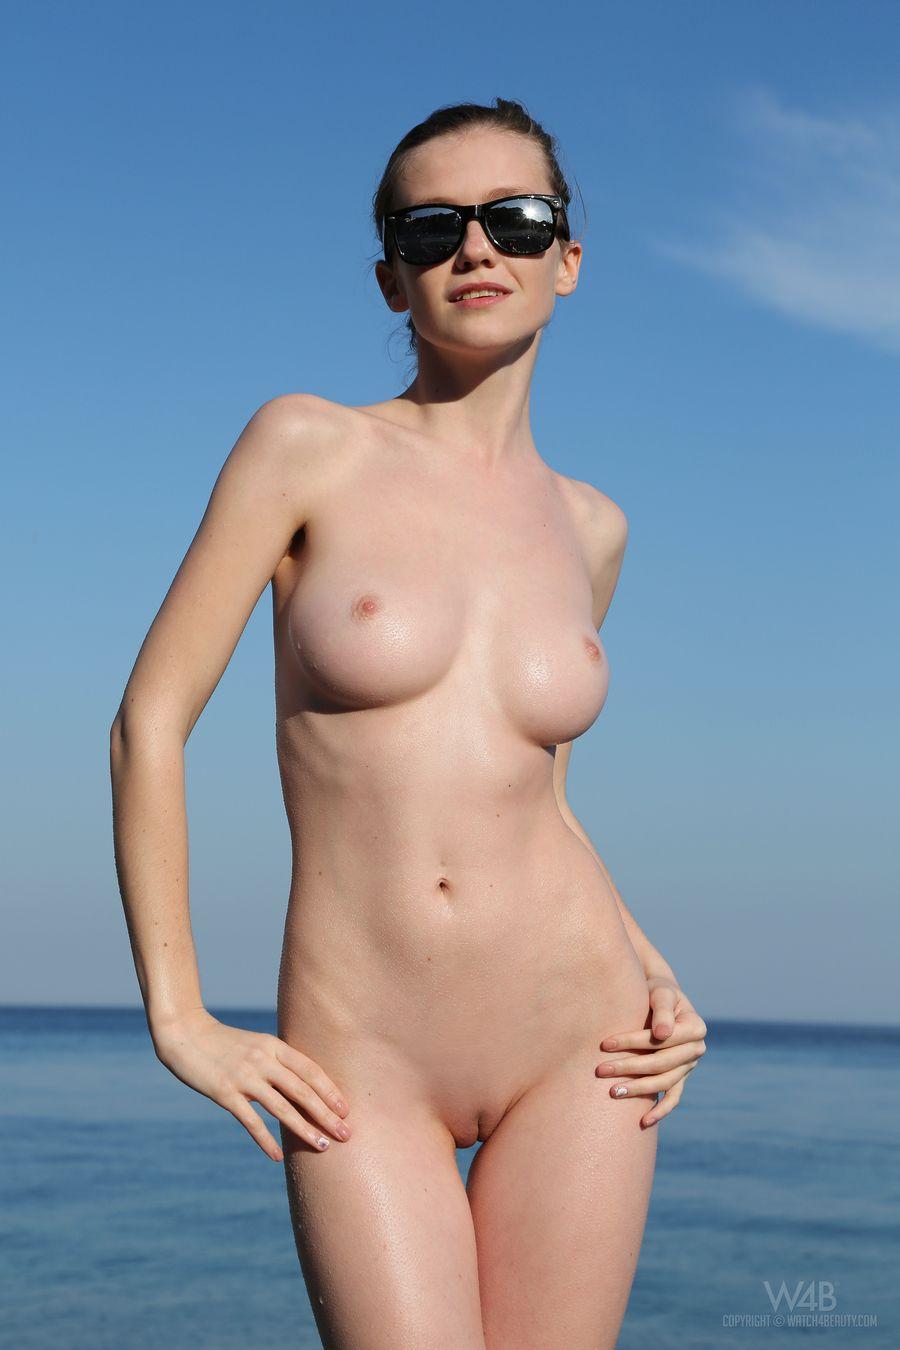 Эротические фото девушек без одежды